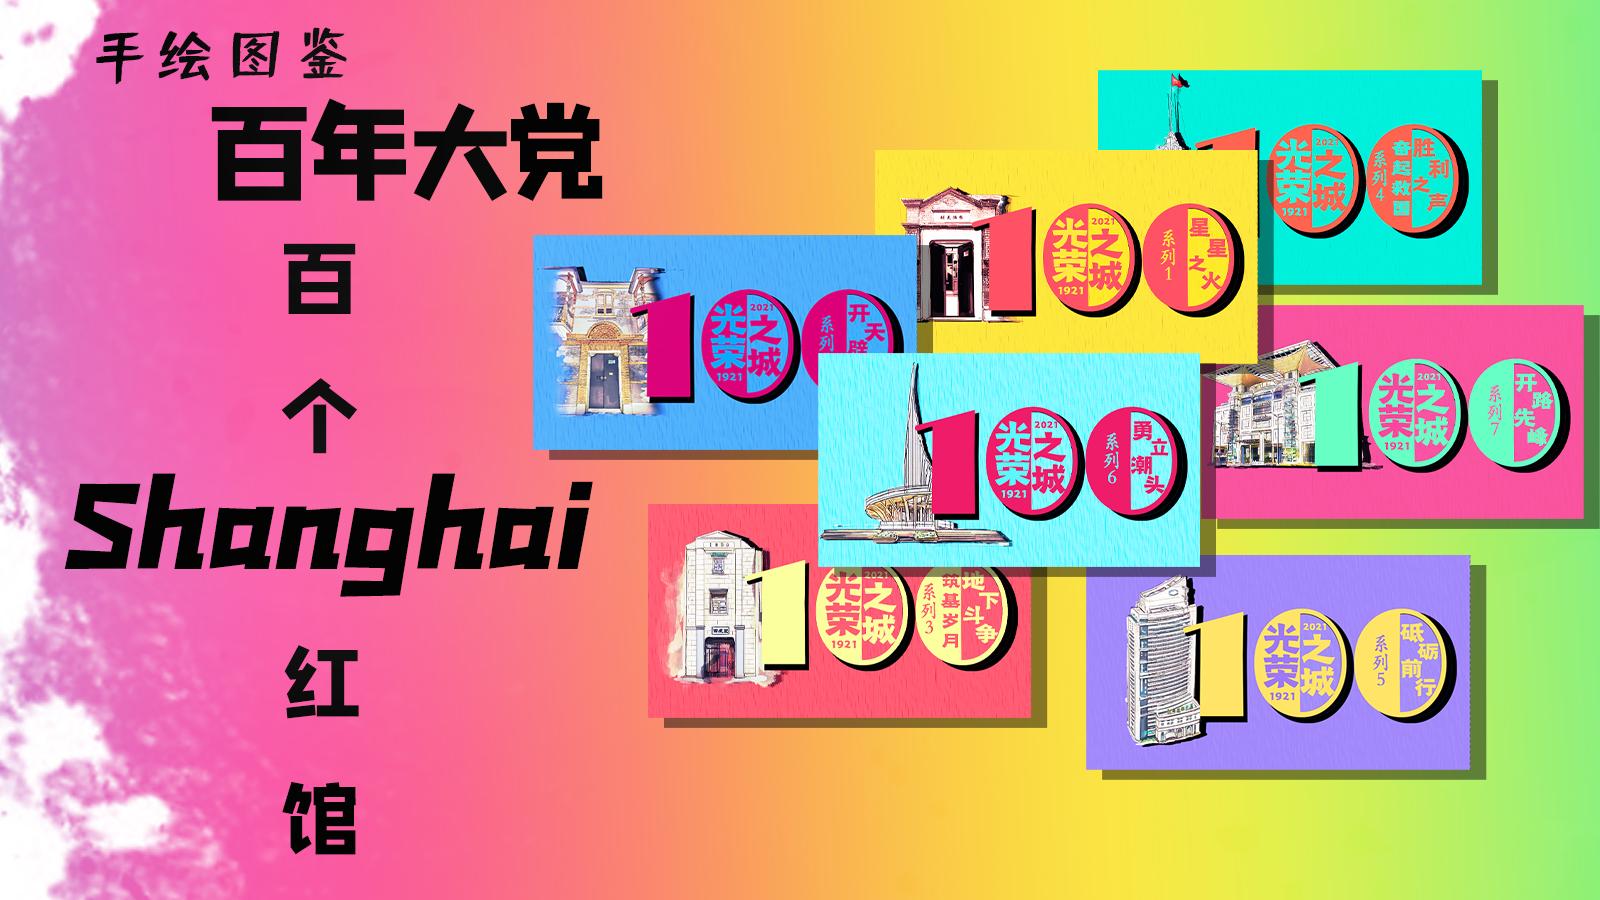 手绘图鉴 百年大党 百个Shanghai红馆 宜收藏!